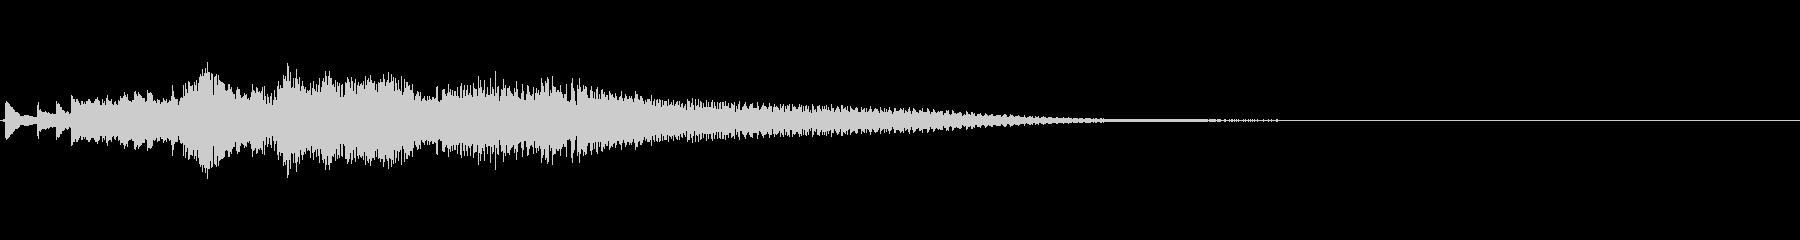 ハープのグリス(下り)を手弾きでピロピロの未再生の波形